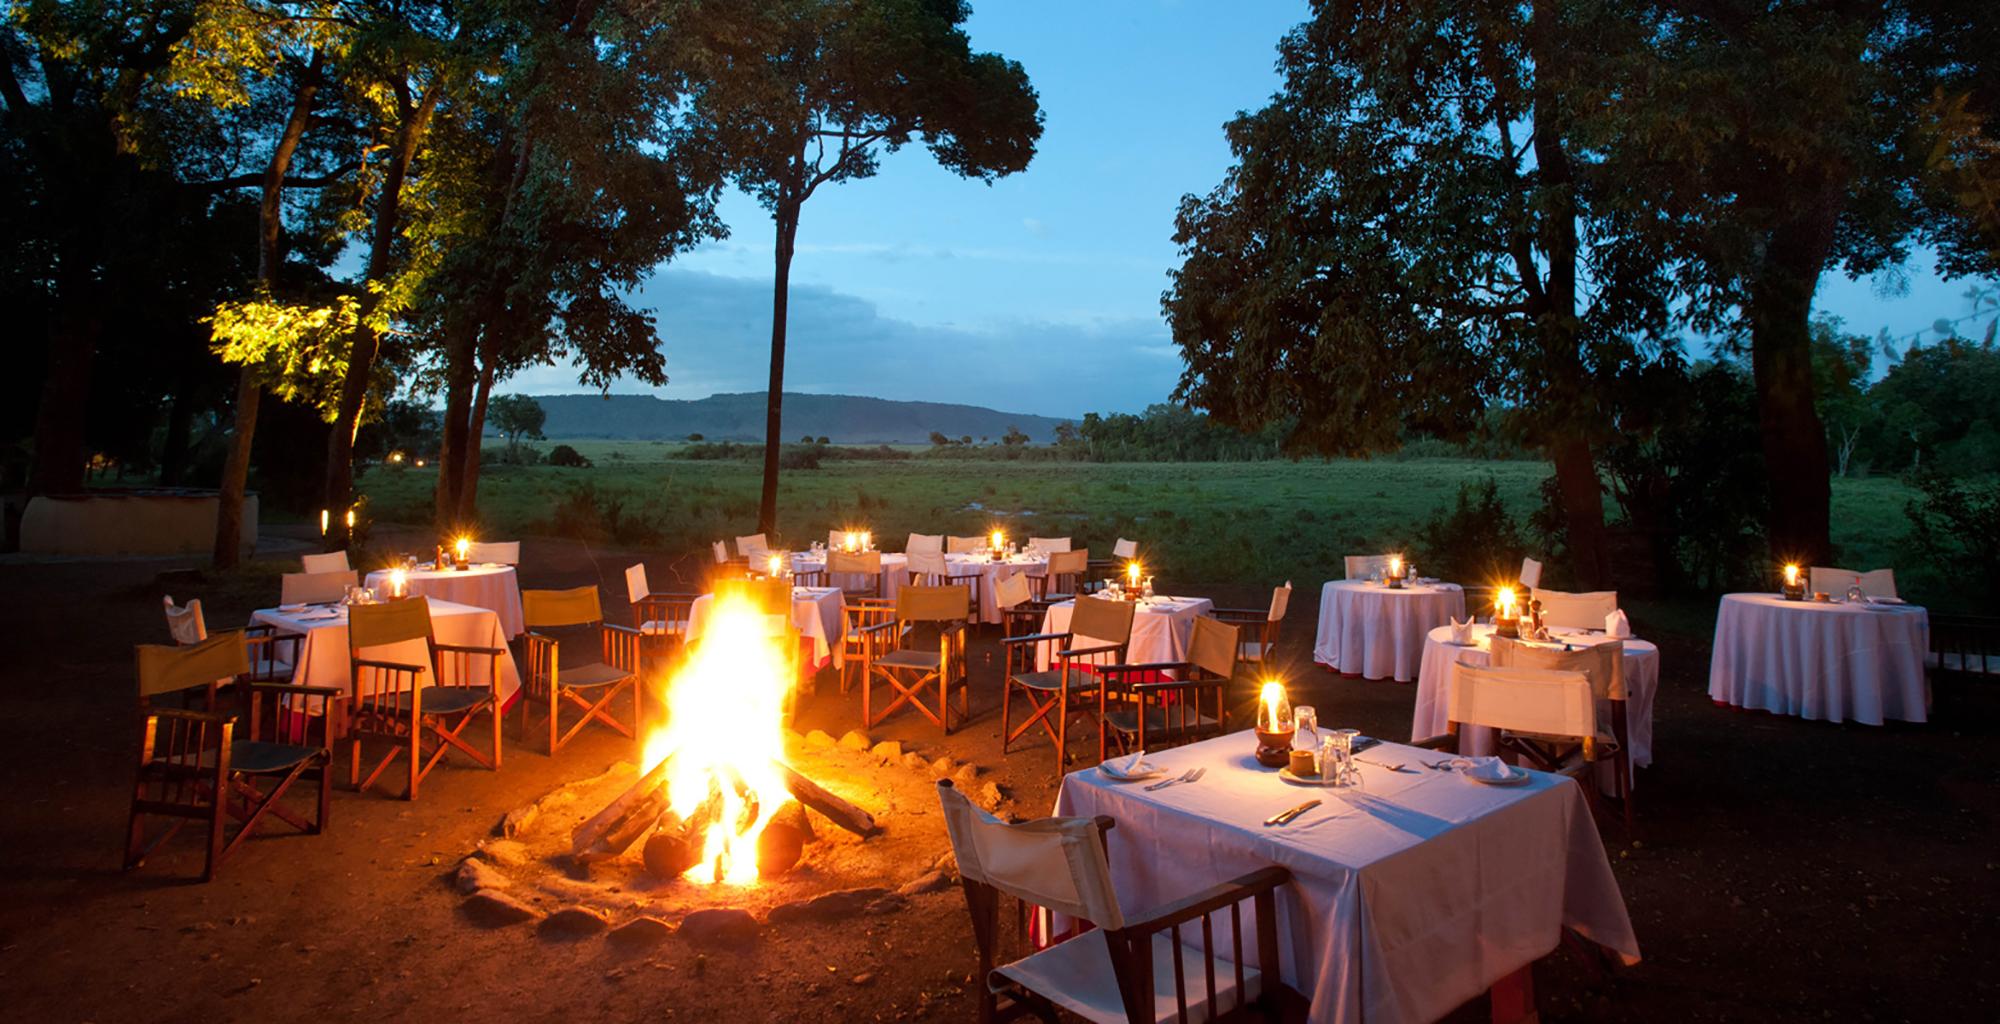 Kenya-Little-Governer's-Outdoor-Dining